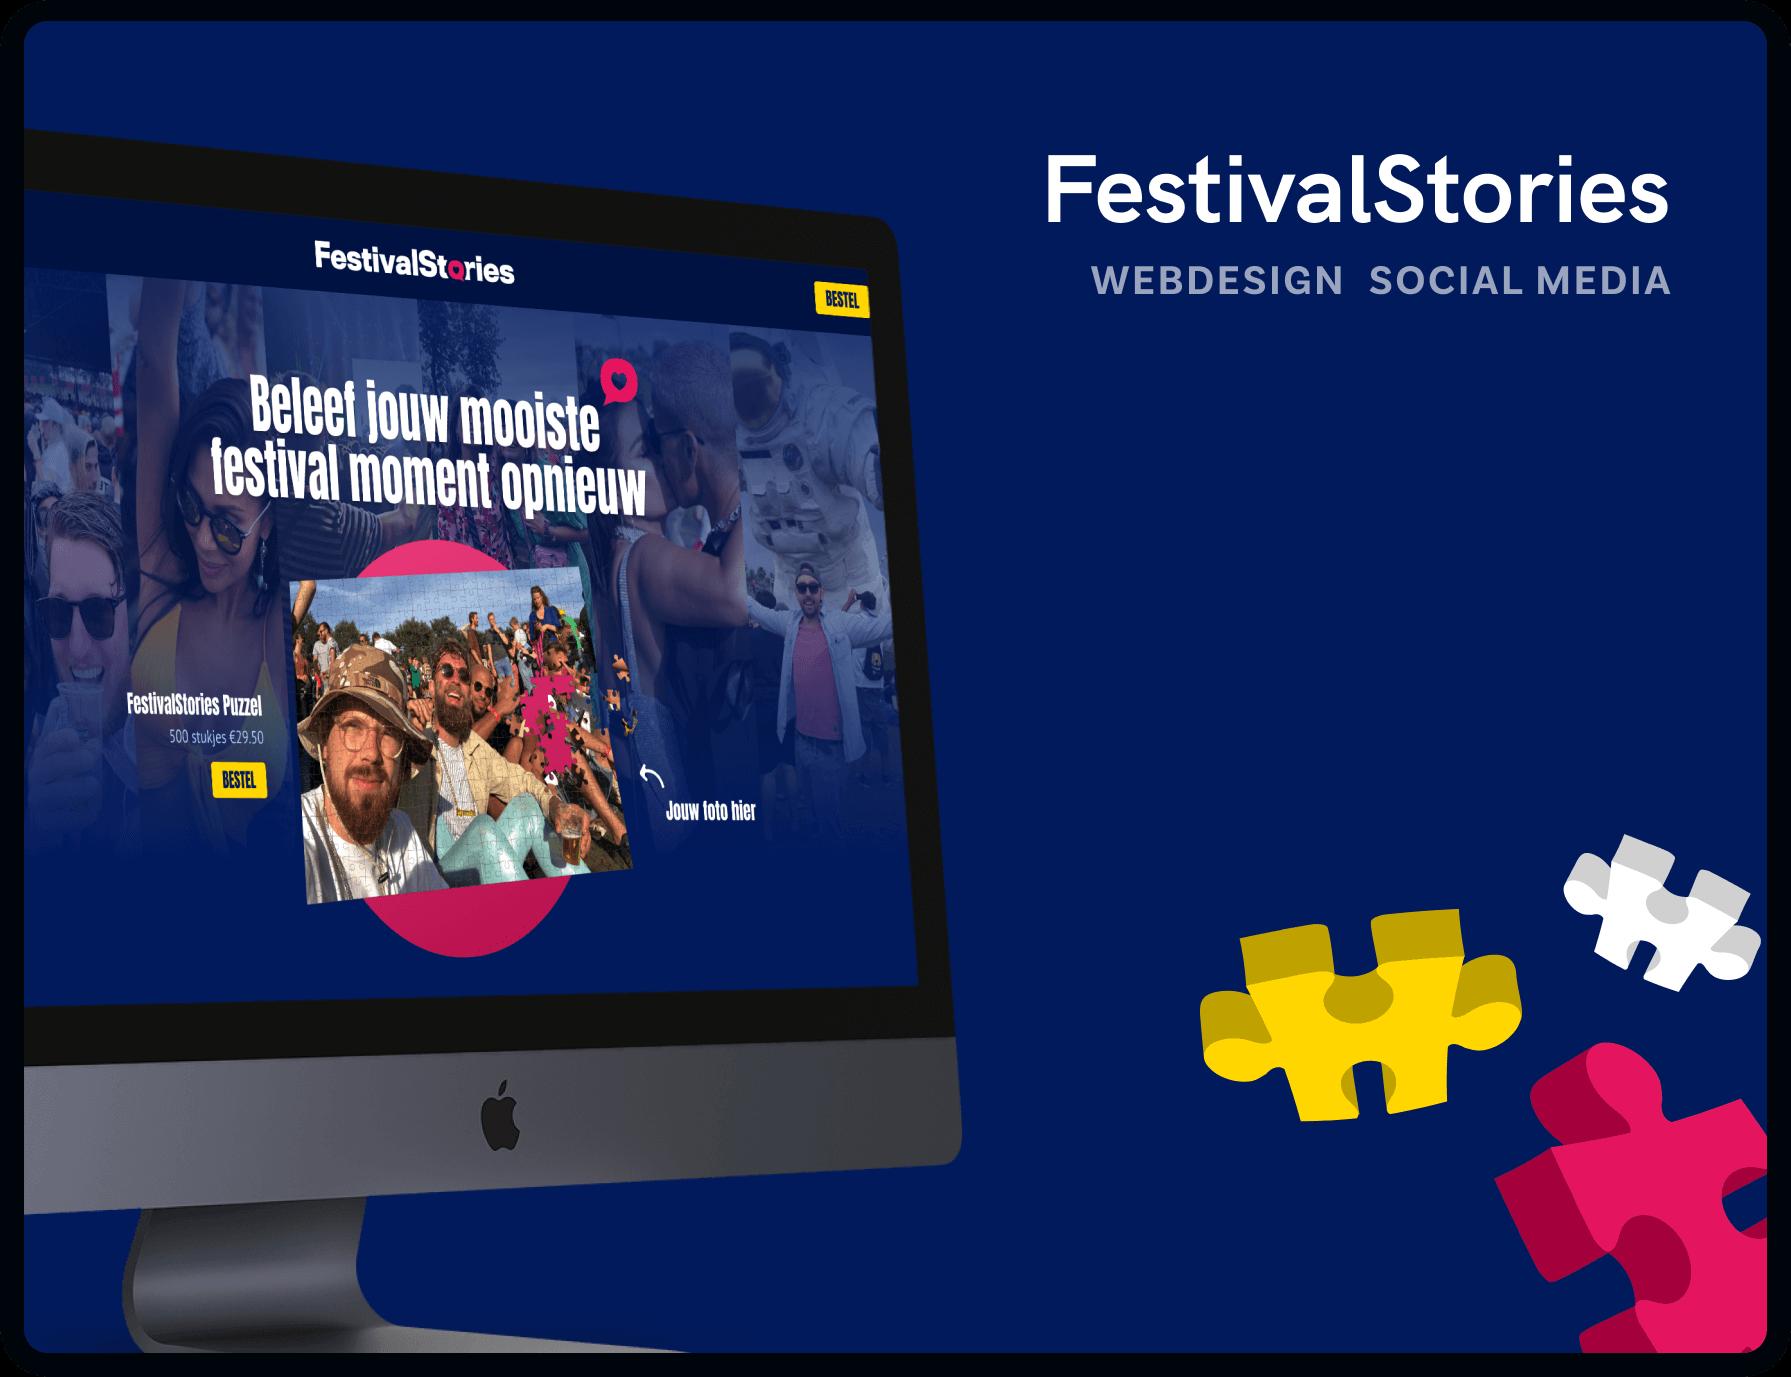 Webdesign voor FestivalStories gemaakt door Studio Flabbergasted